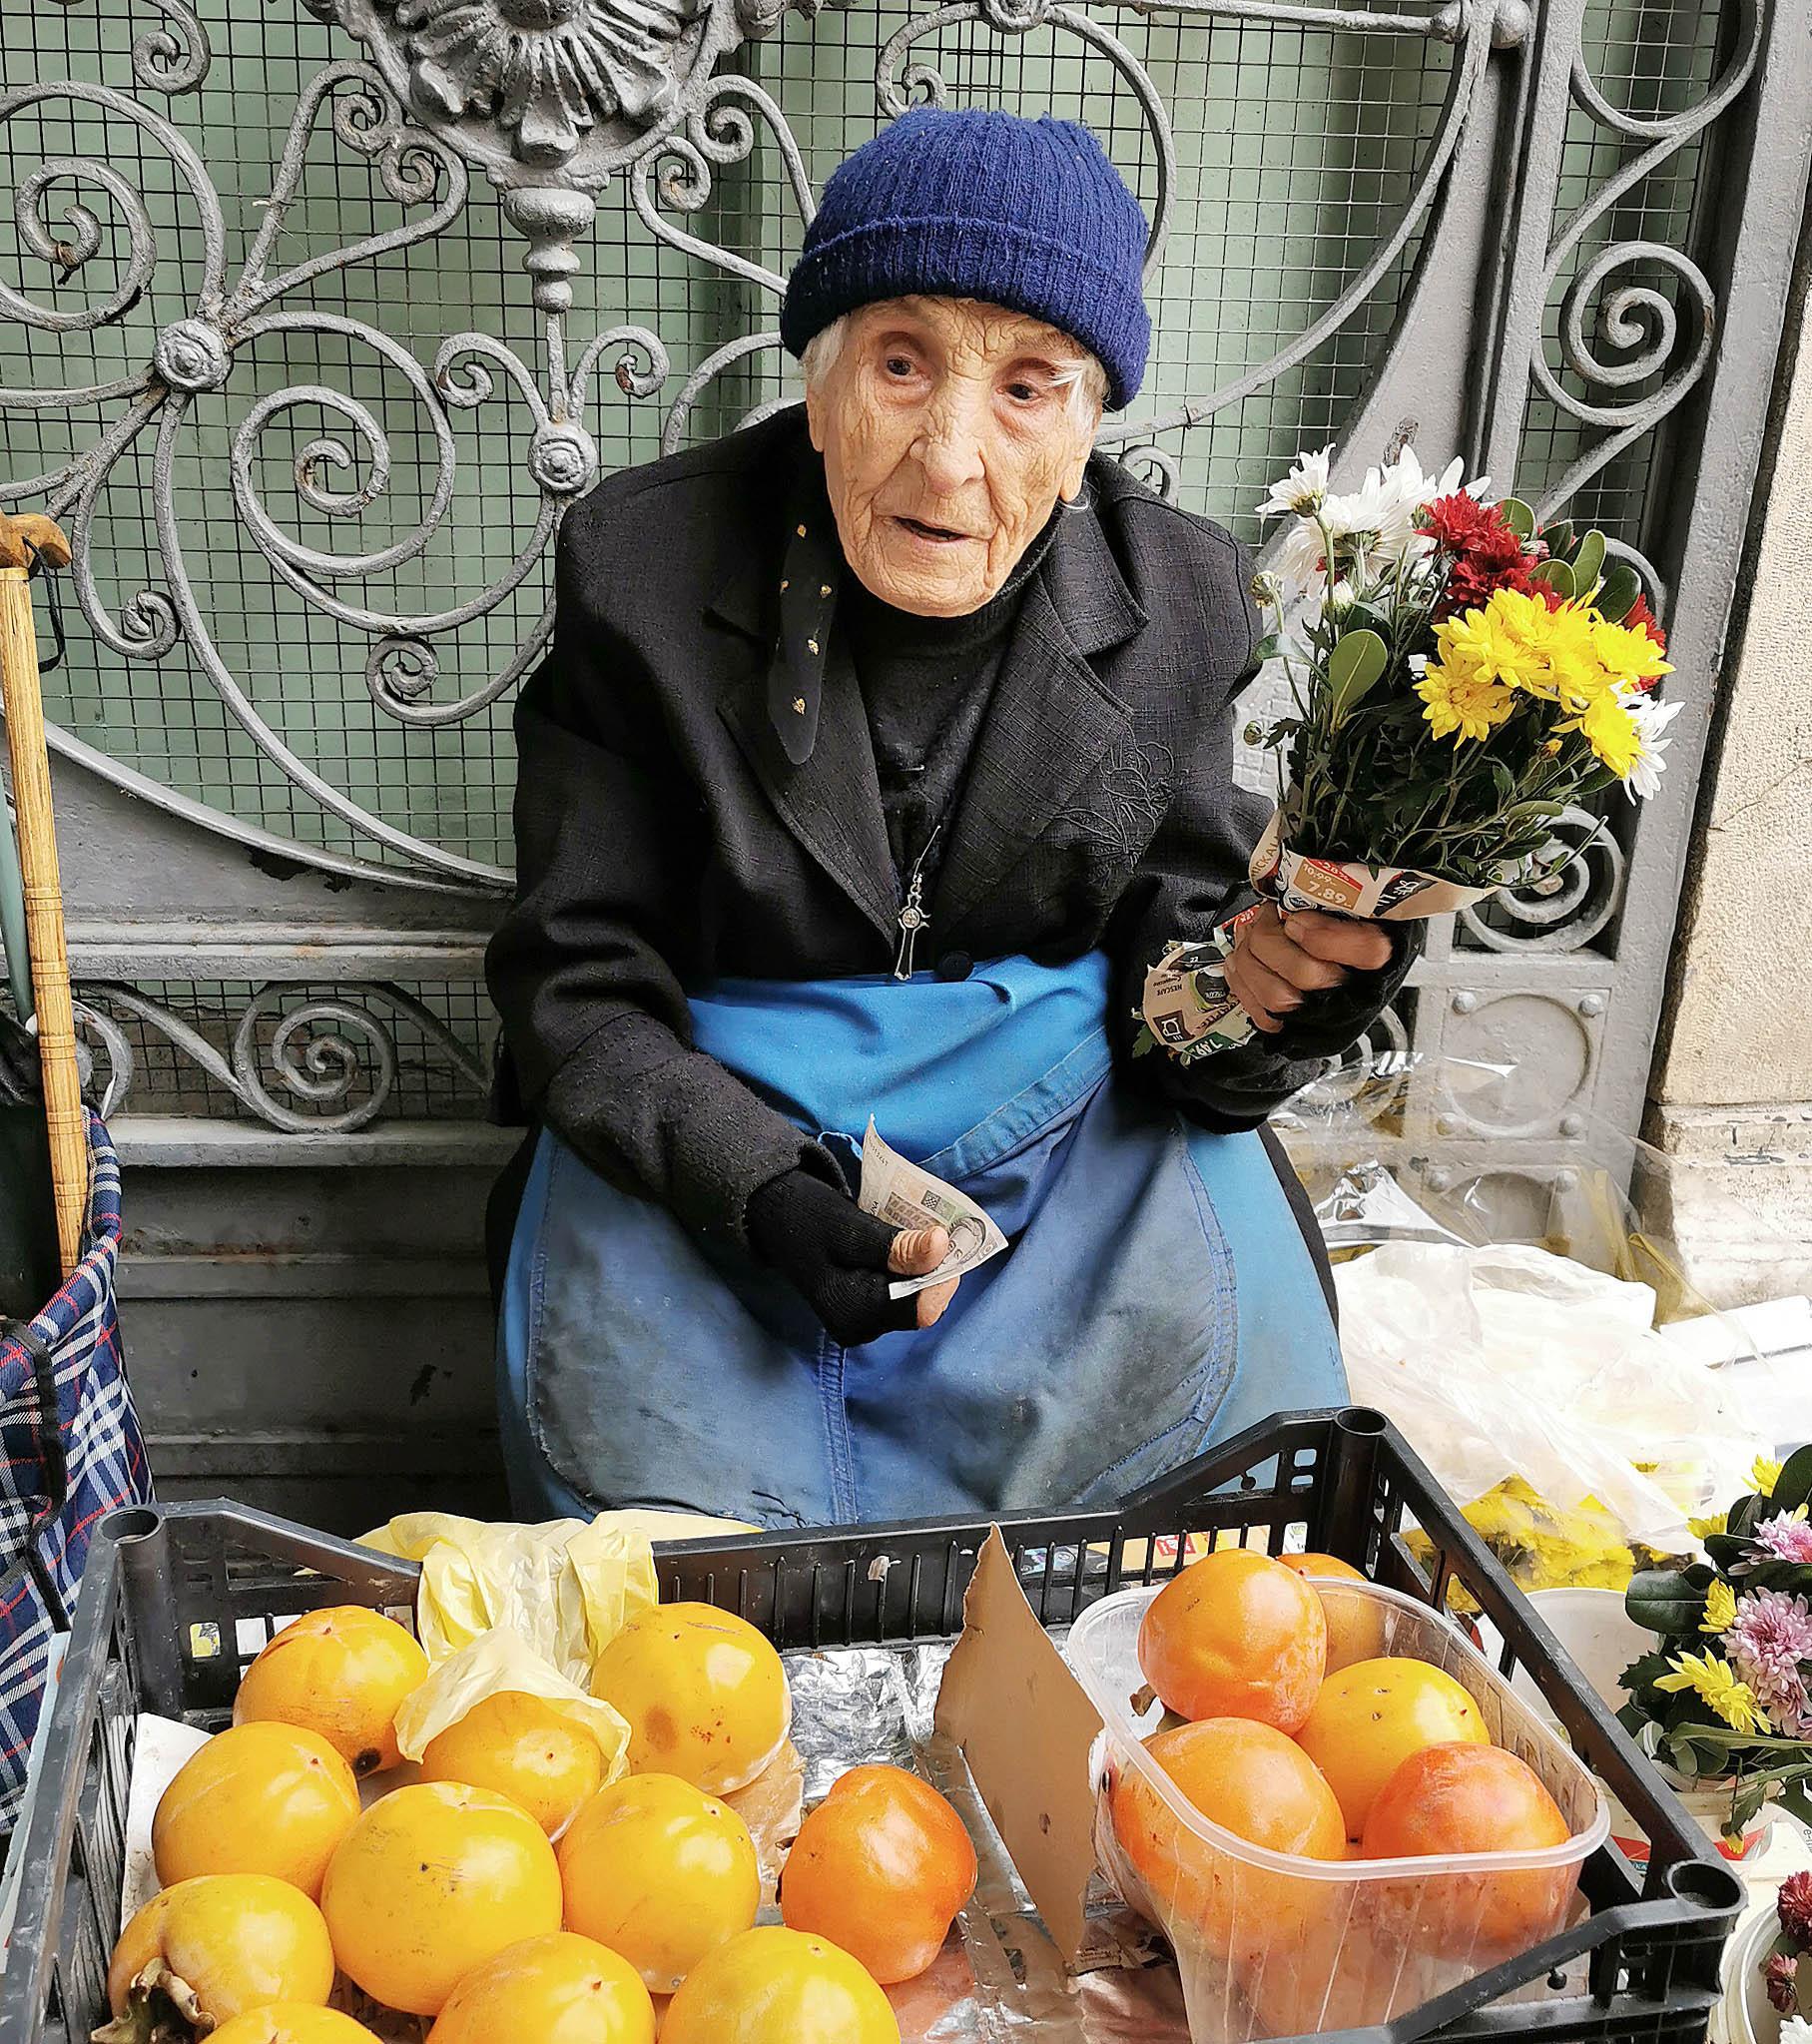 Katica Rubelj svakoga dana prodaje cvijeće ili voće iz svoga kozalskog vrta / Snimila Mirjana Grce